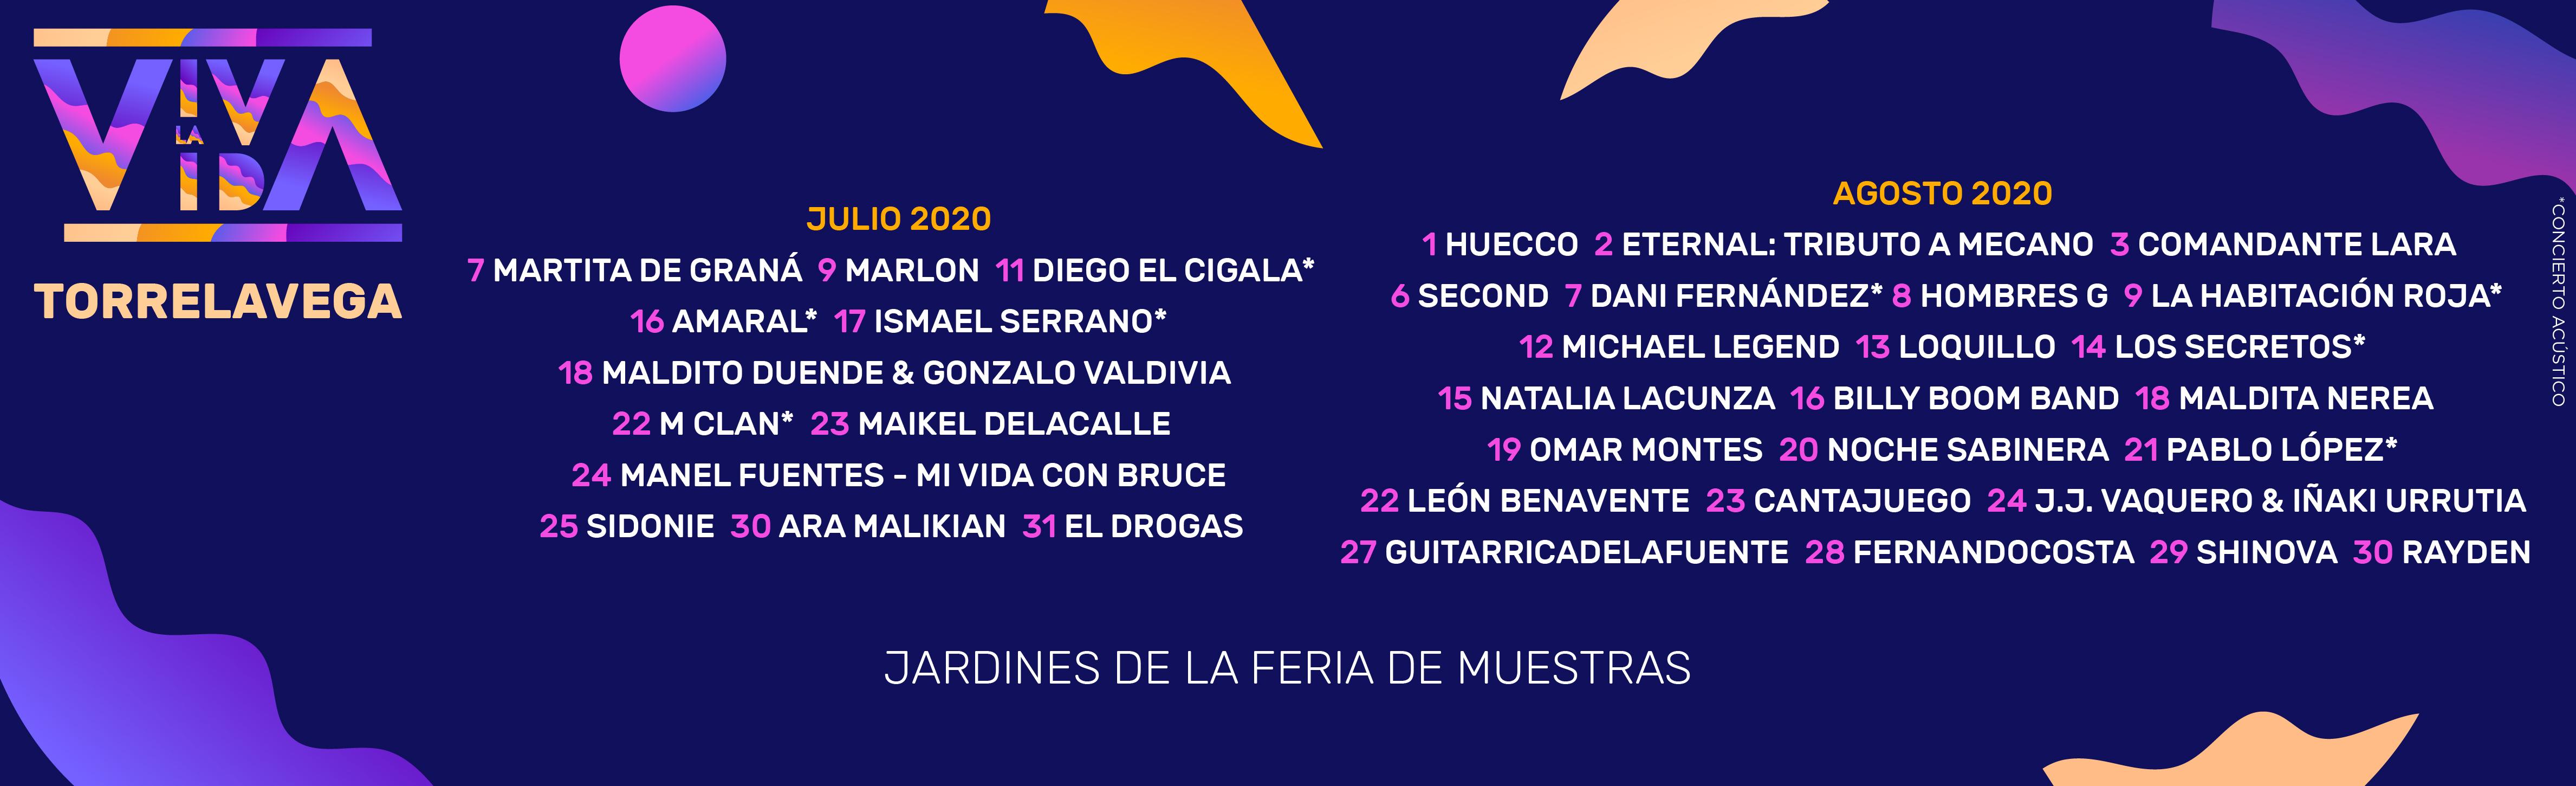 viva-la-vida-cantajuegos-23-agosto-5efb5db1cac74.jpeg